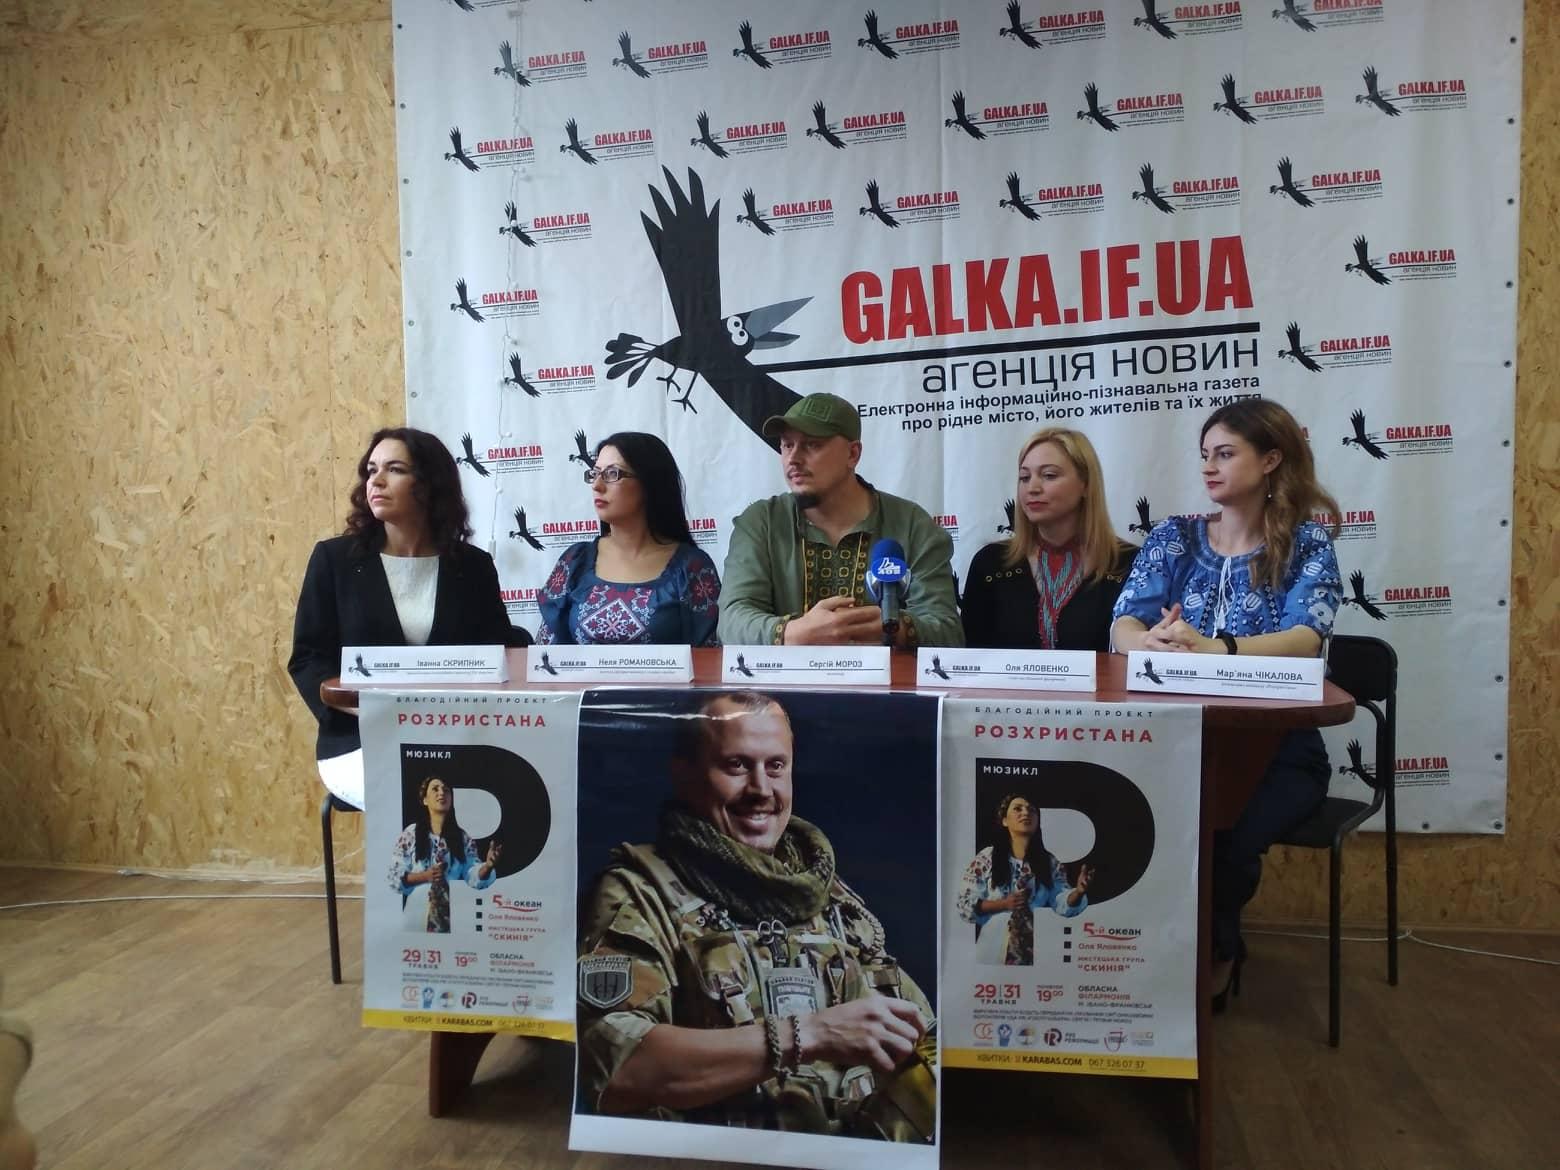 """Франківців запрошують на мюзикл """"Розхристана"""", щоб врятувати онкохворих волонтерів-госпітальєрів (фотофакт)"""